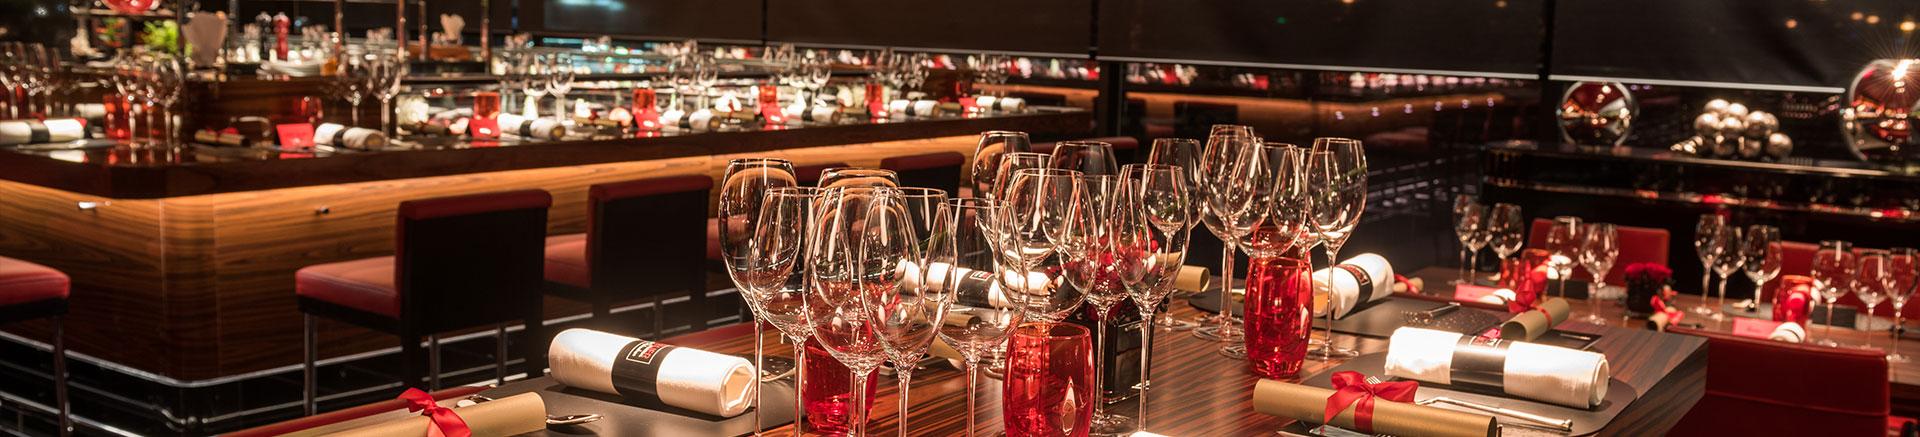 Montr al restaurant atelier of jo l robuchon le monde for Atelier cuisine montreal